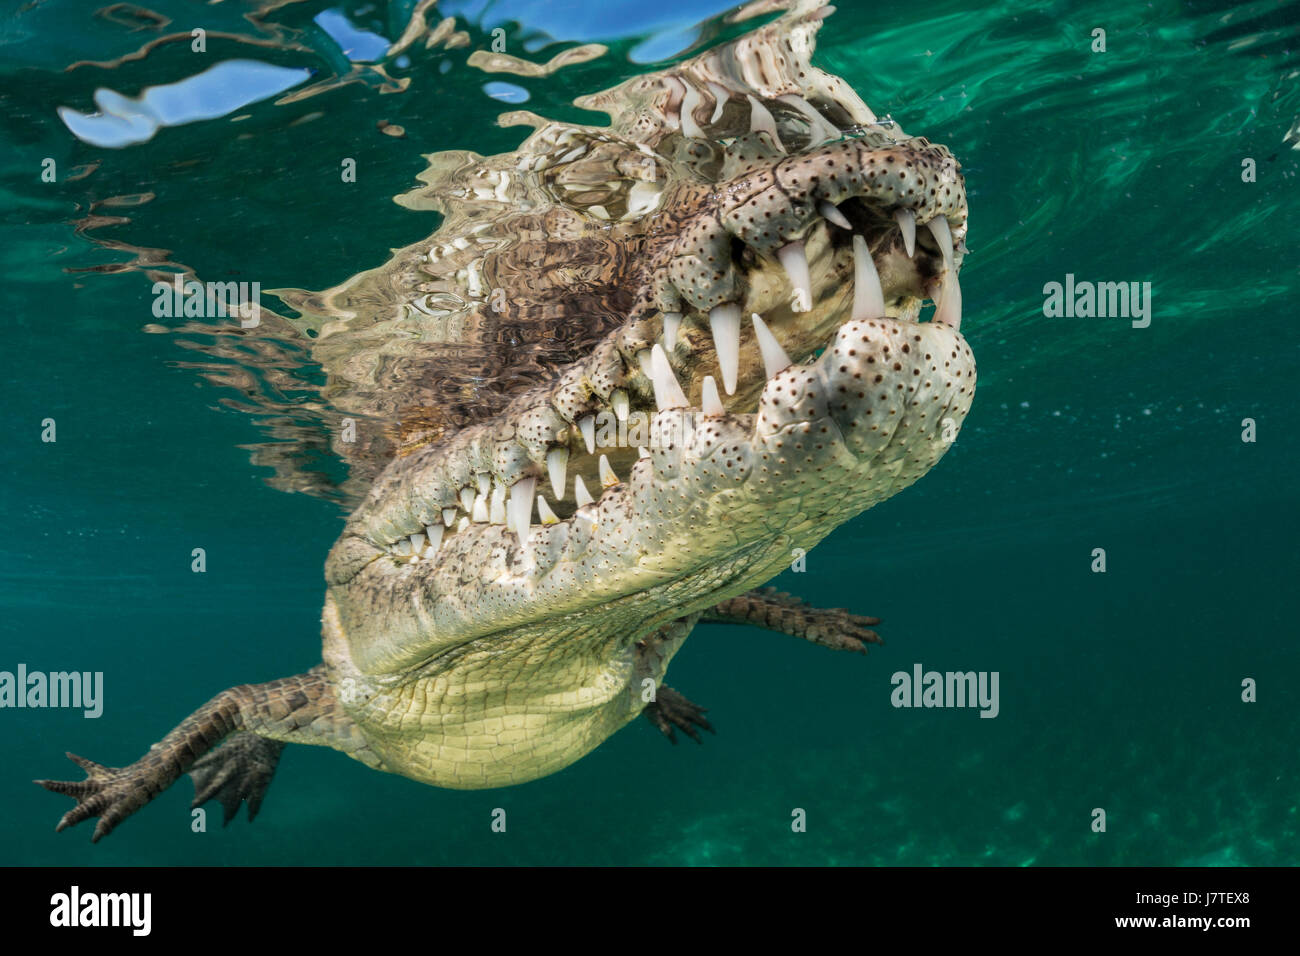 American crocodile crocodylus acutus jardines de la reina cuba stock photo 142524096 alamy - Jardines de la reina ...